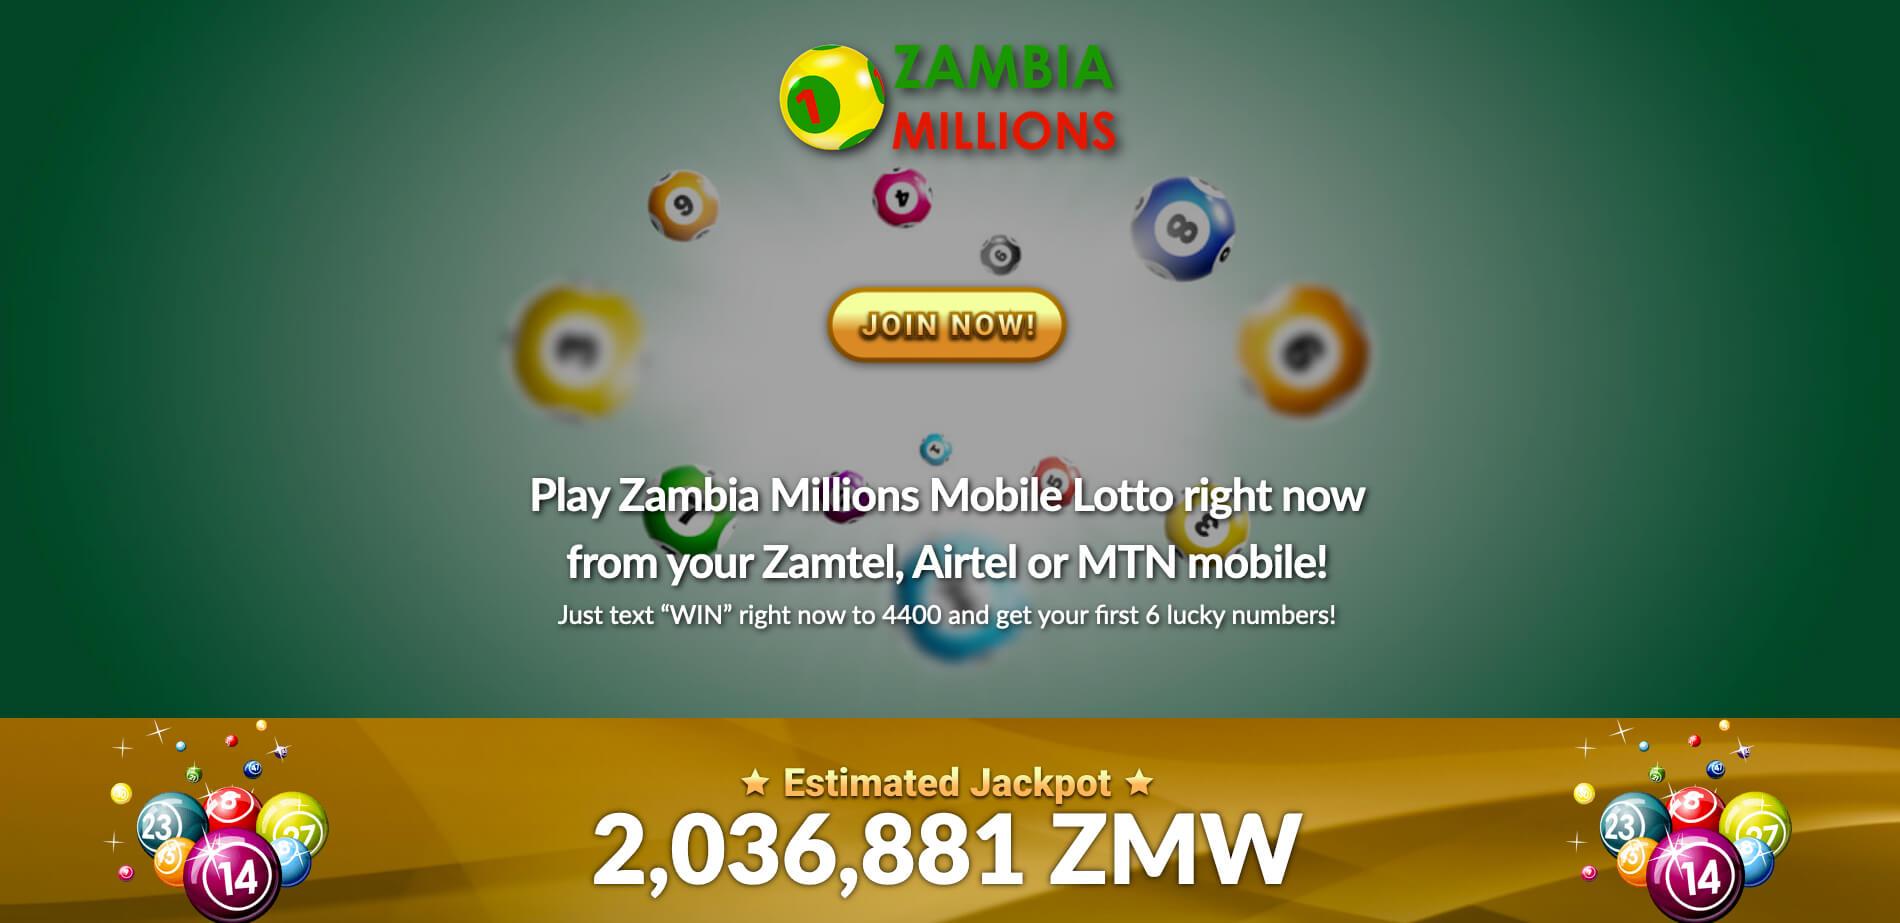 Zambia Millions